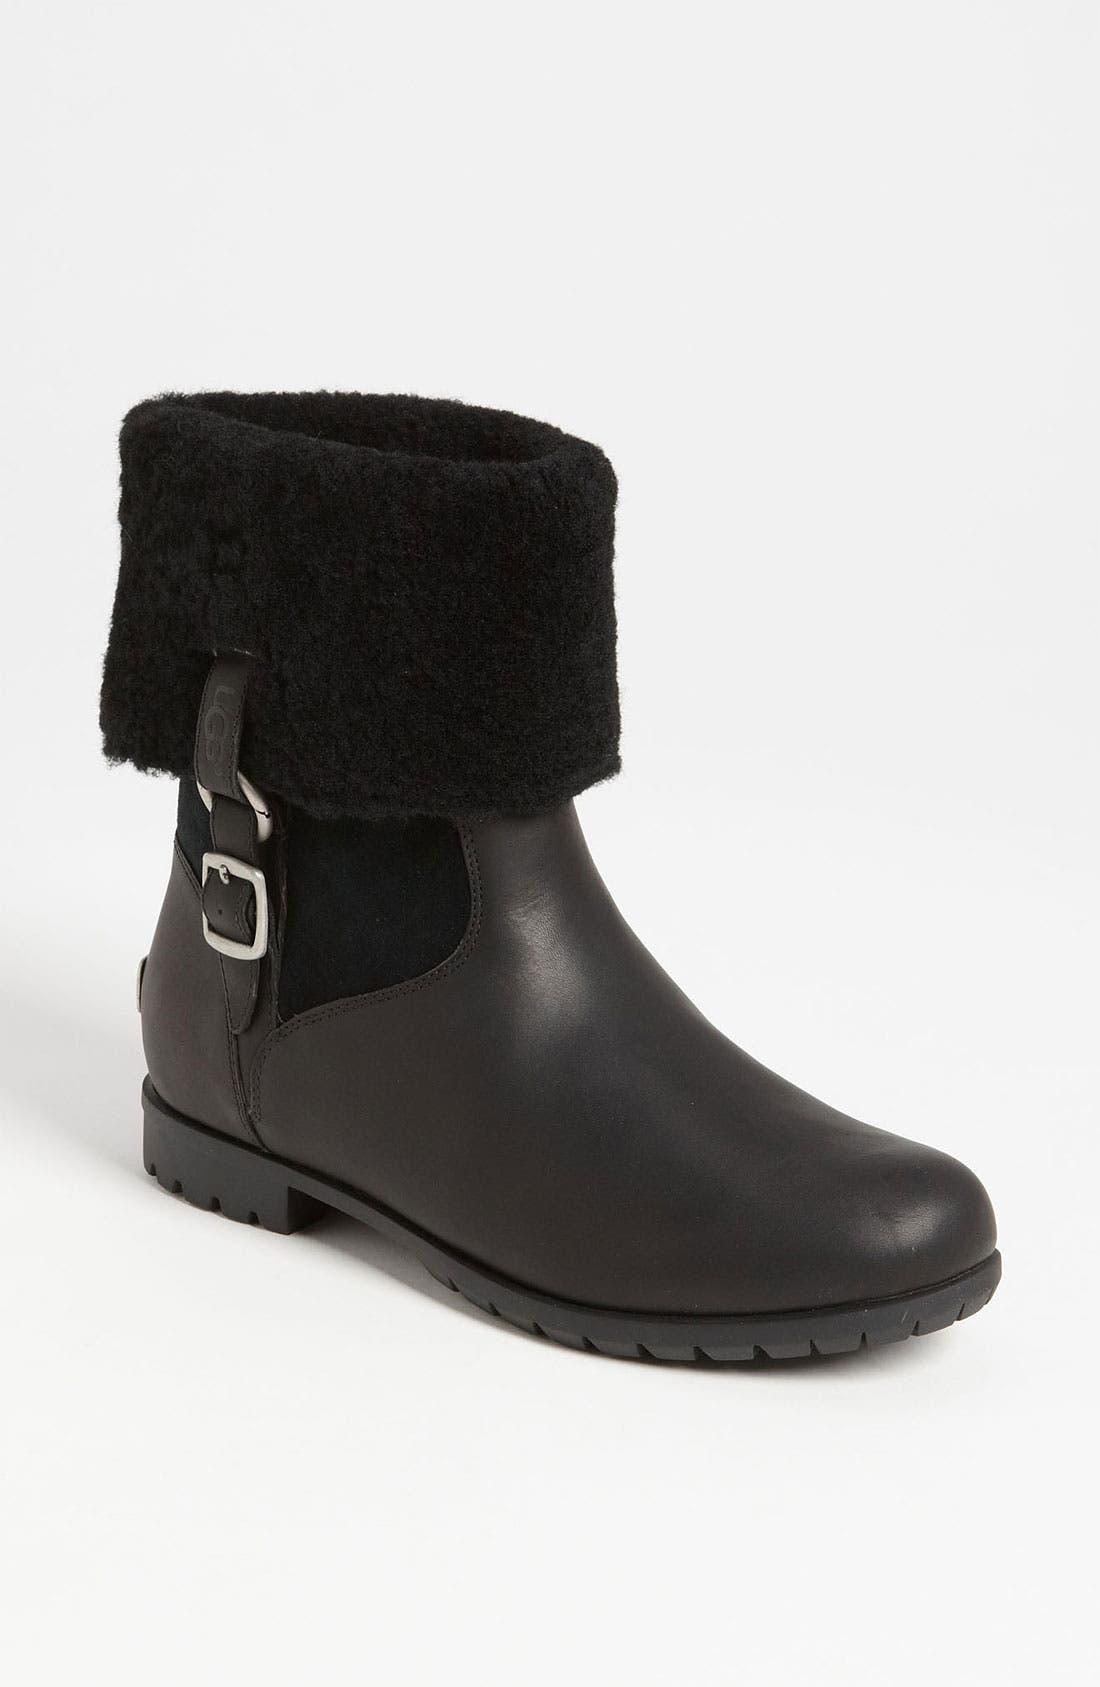 Main Image - UGG® Australia 'Bellvue III' Boot (Women)